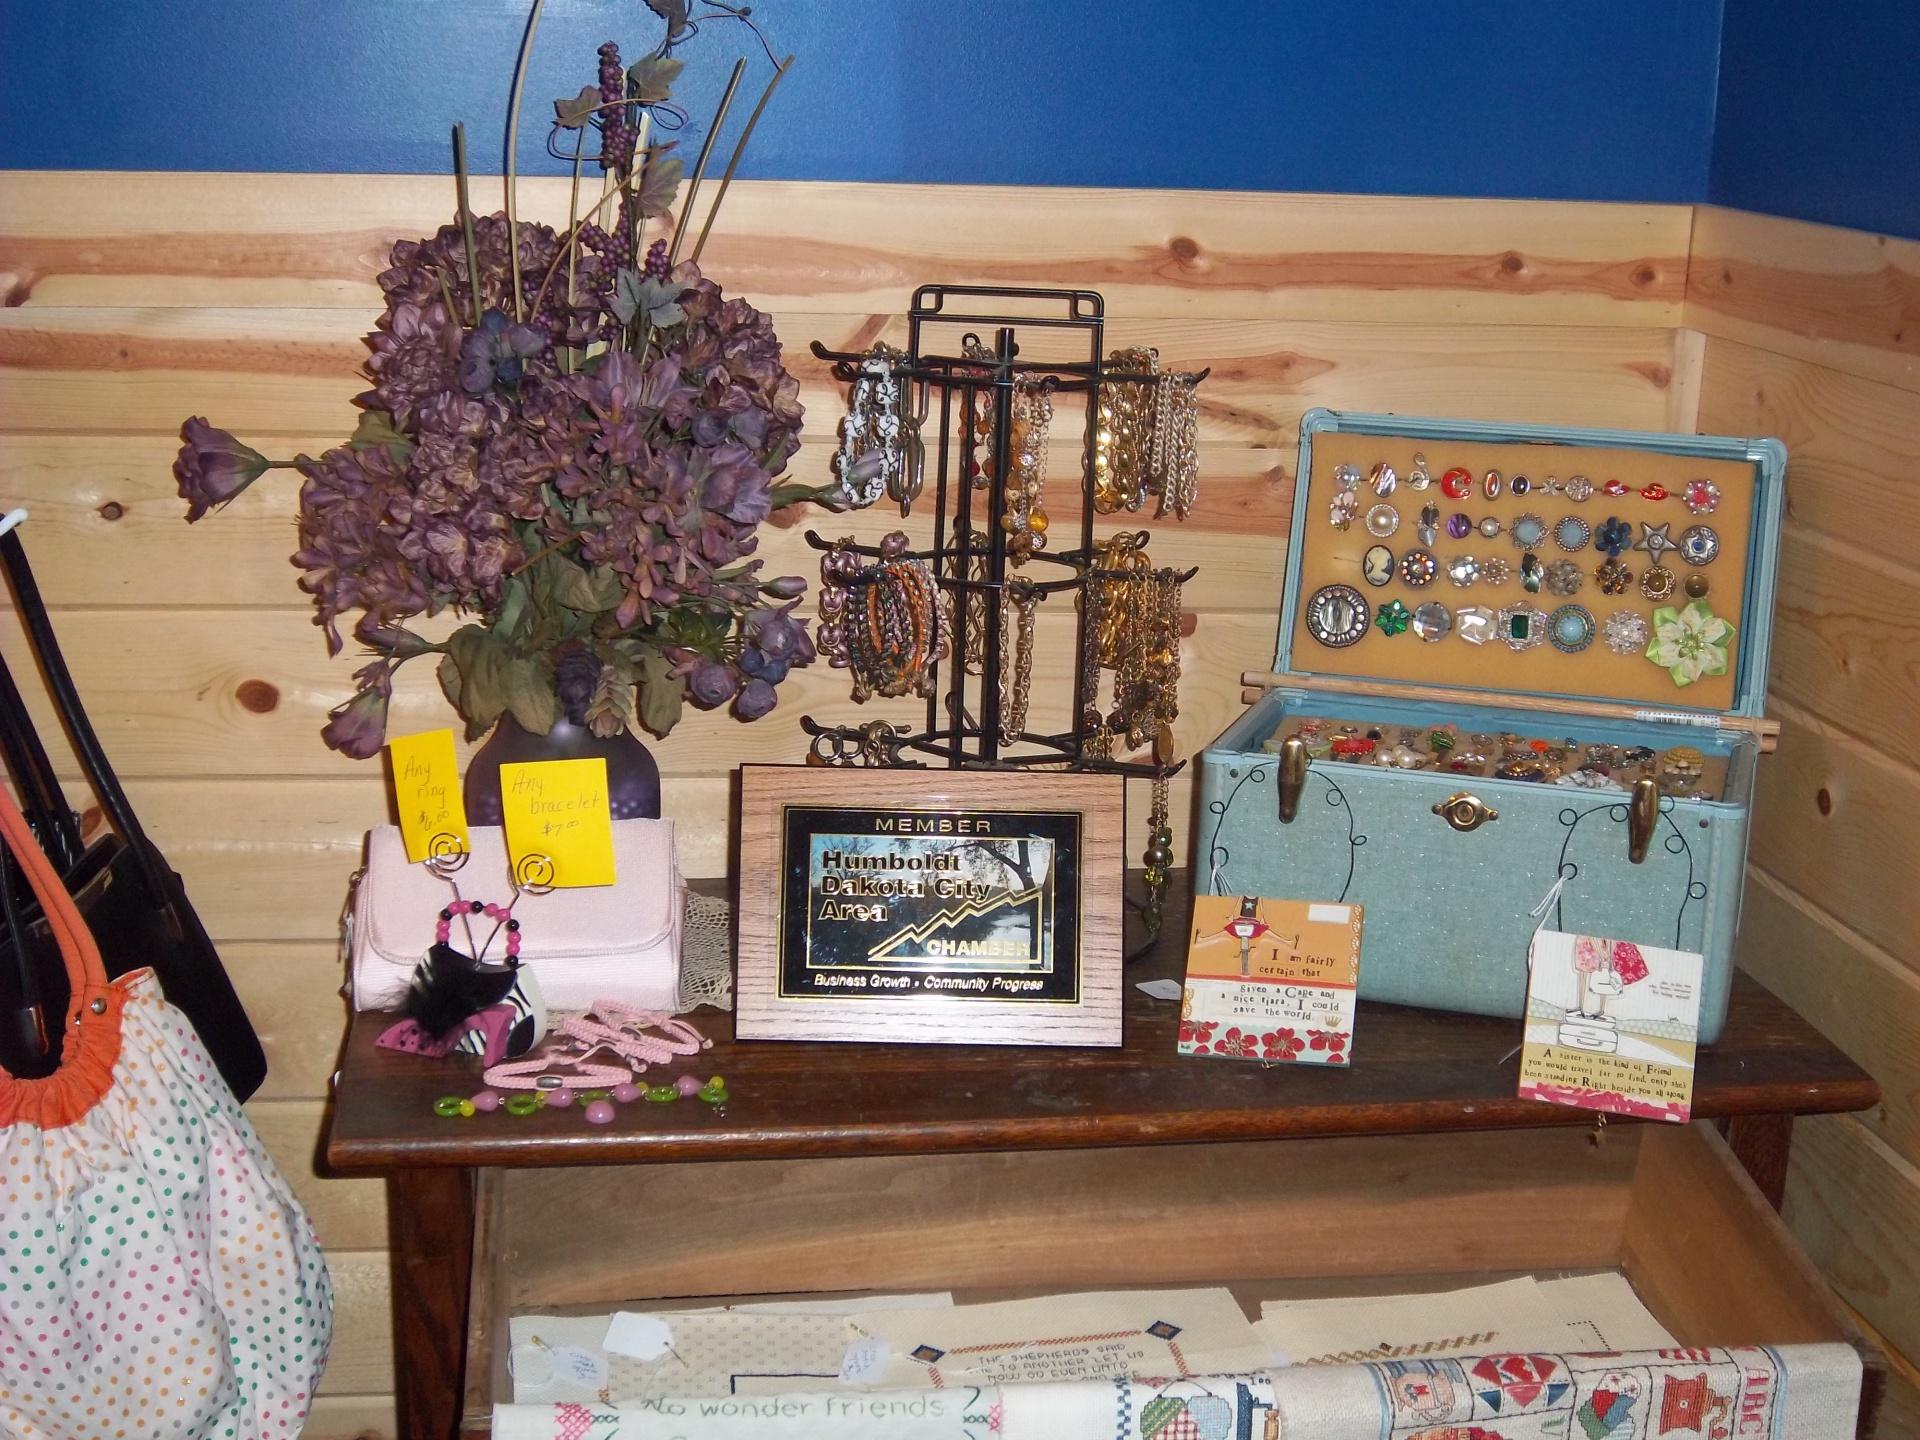 Rings $6 --- Bracelets $7 --- Purple Flower Arrangement $20